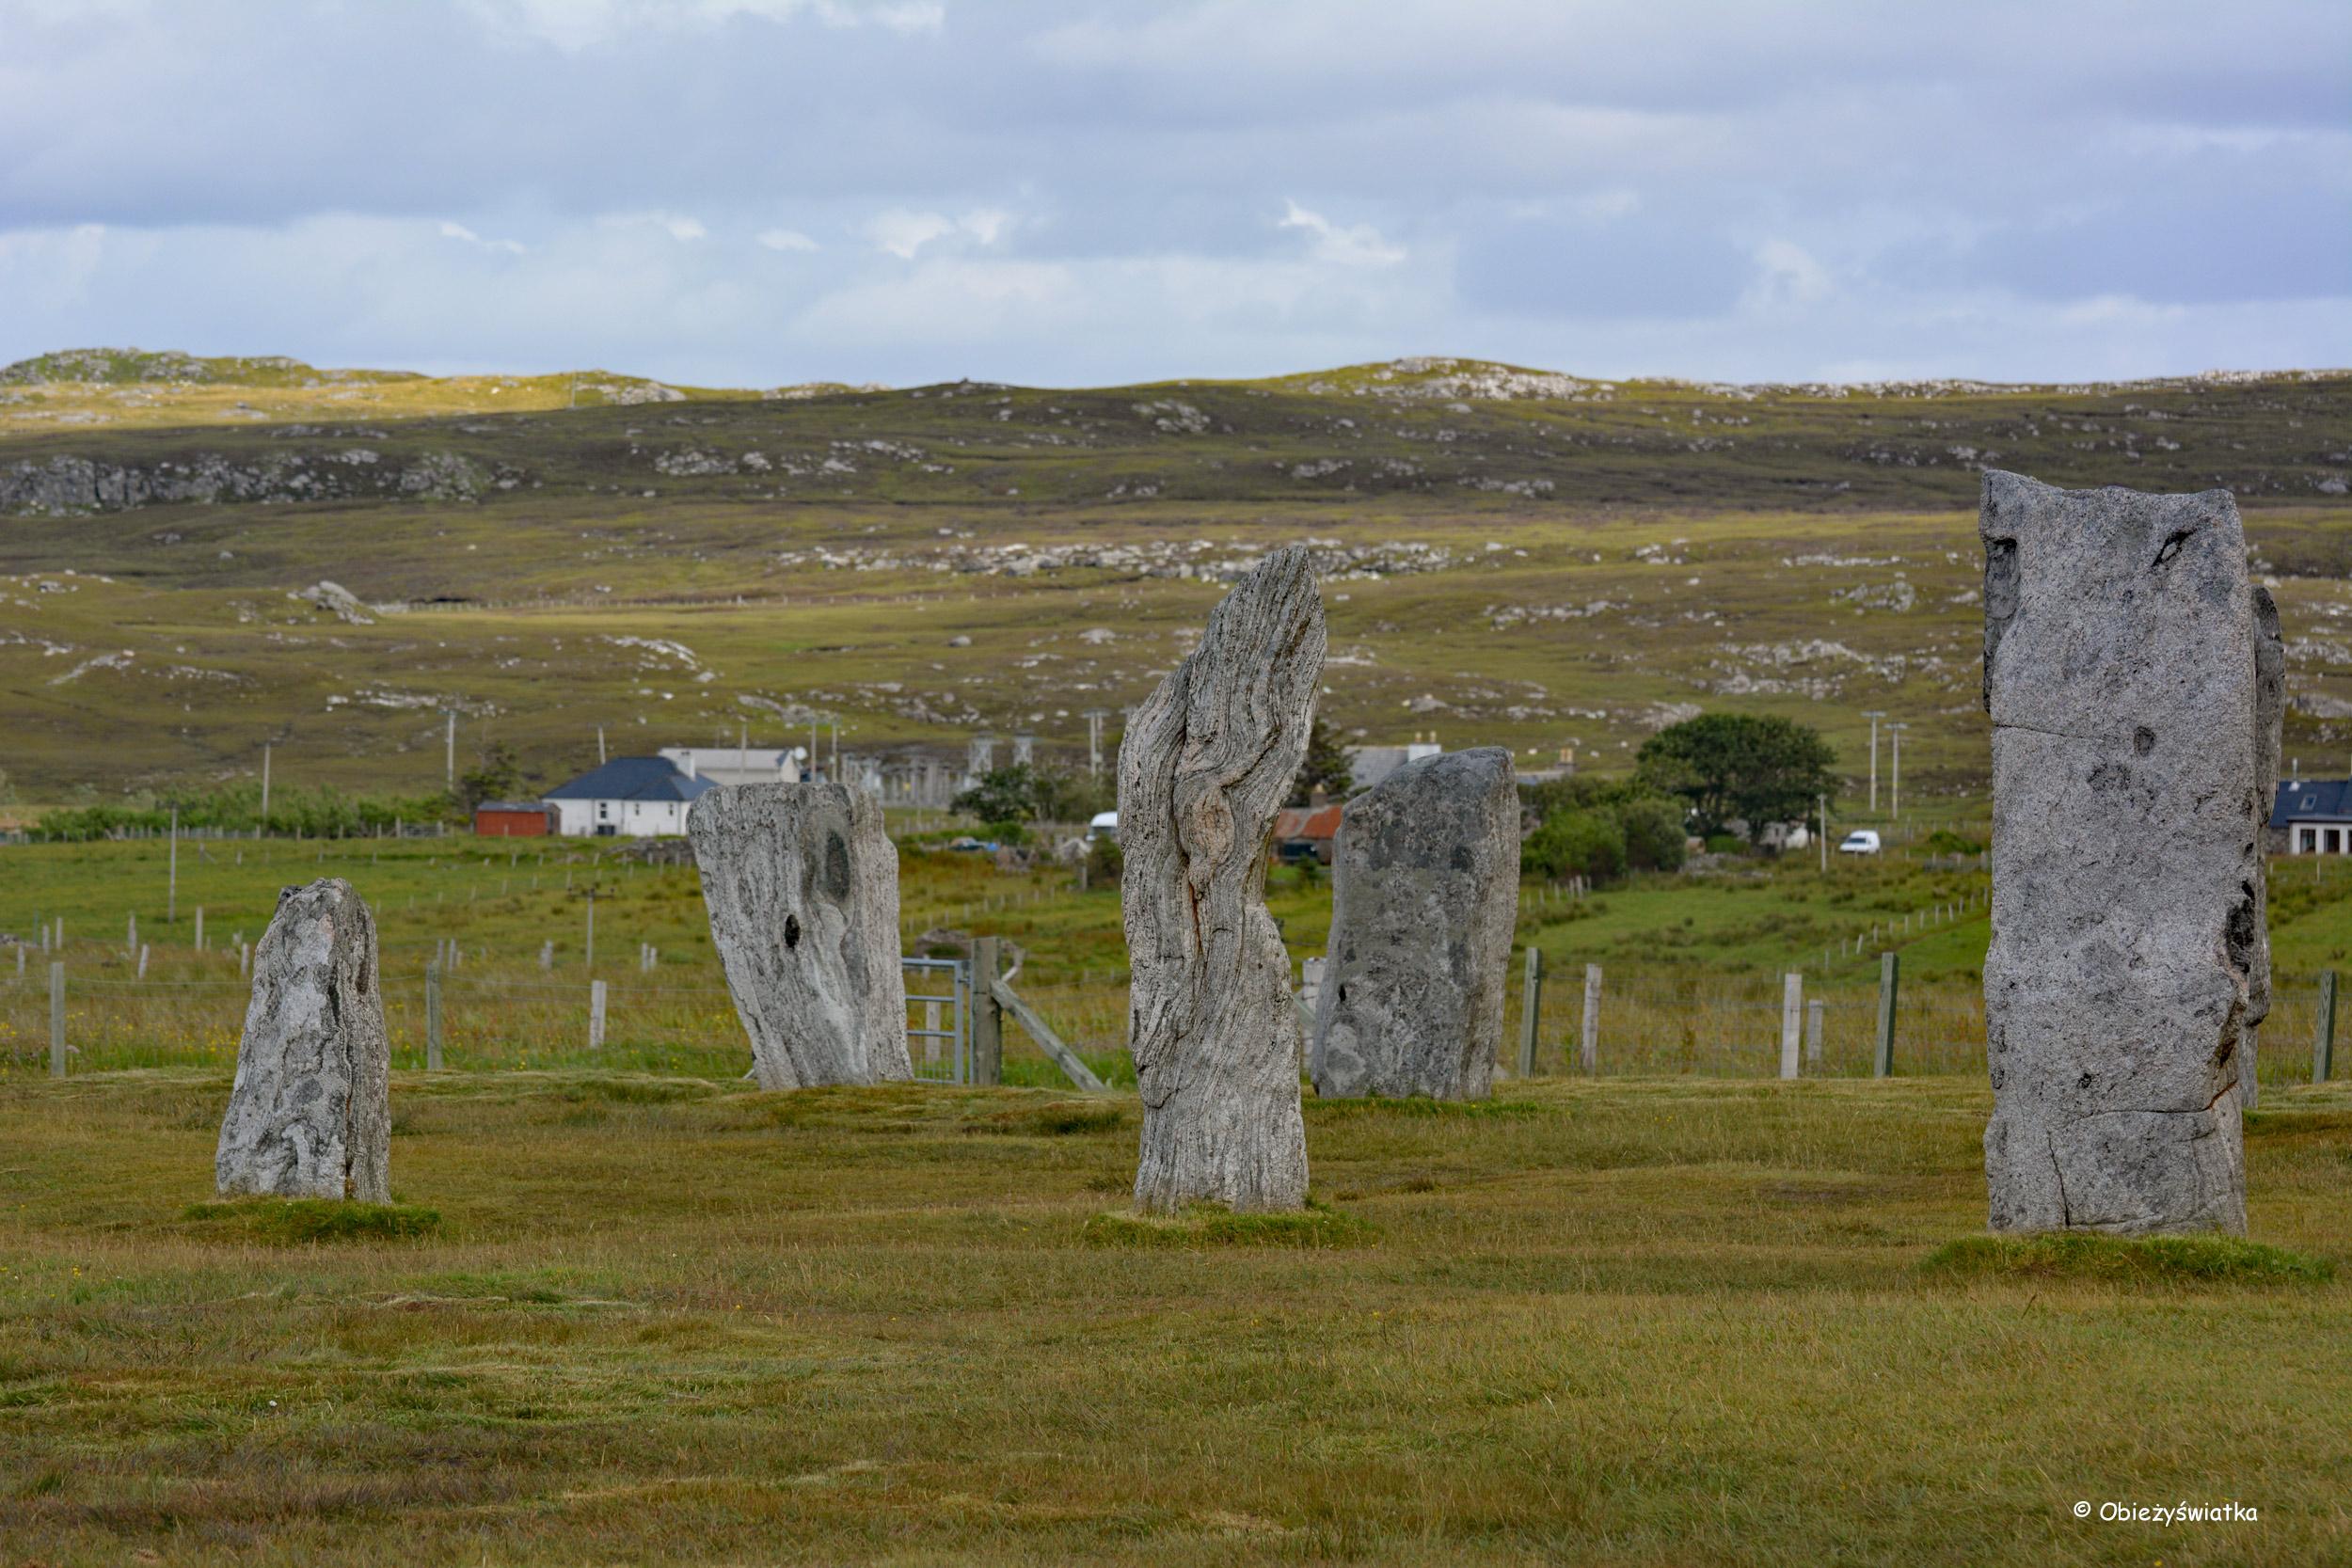 W kamiennym kręgu megalitów w Callanish/Calanais, Lewis and Harris, Szkocja